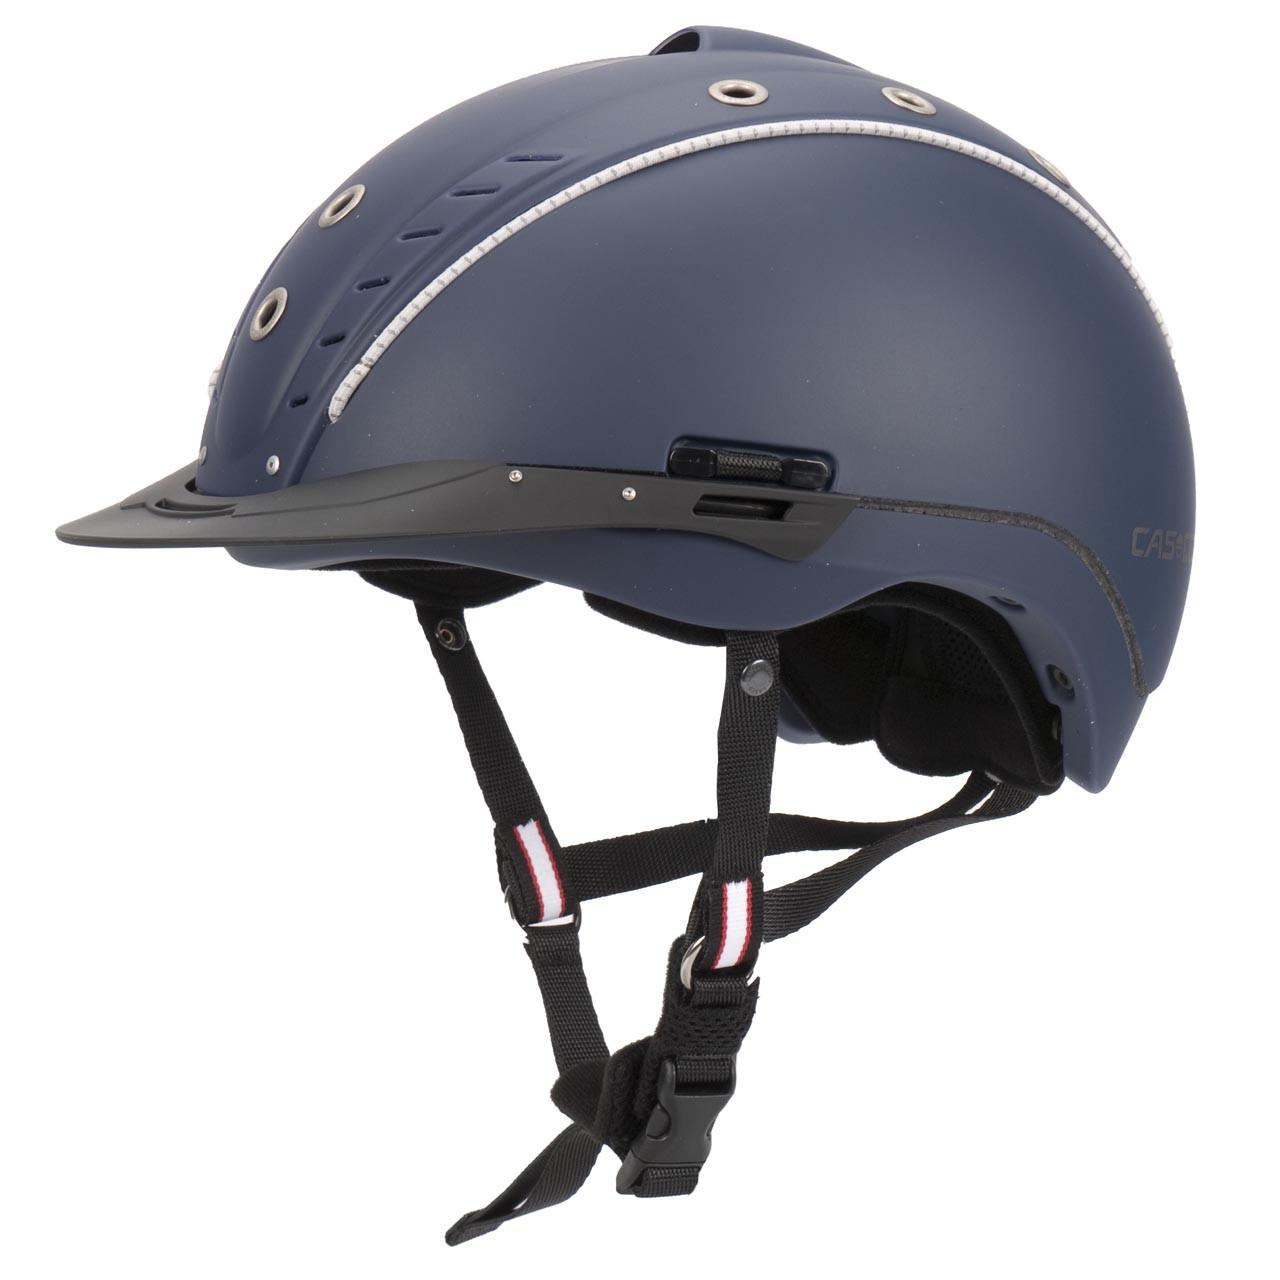 Casco Mistrall II VG1 cap donkerblauw maat:m/l